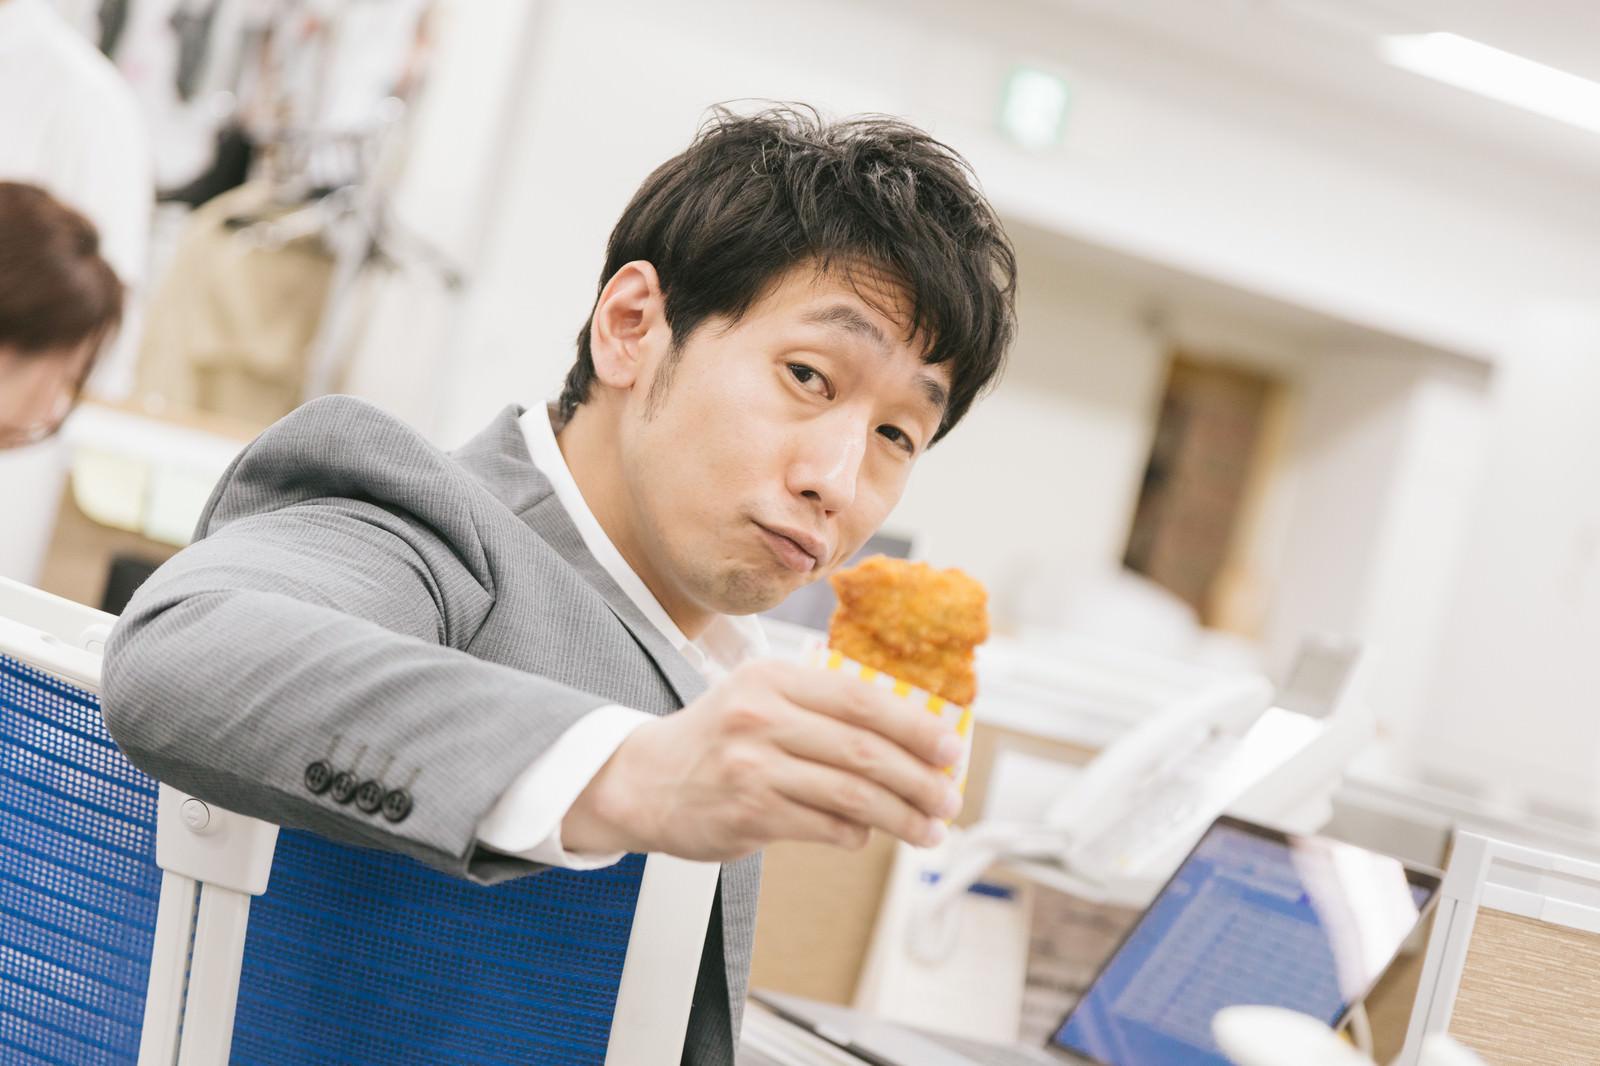 「俺のフライドチキンひと口食べる?」の写真[モデル:大川竜弥]